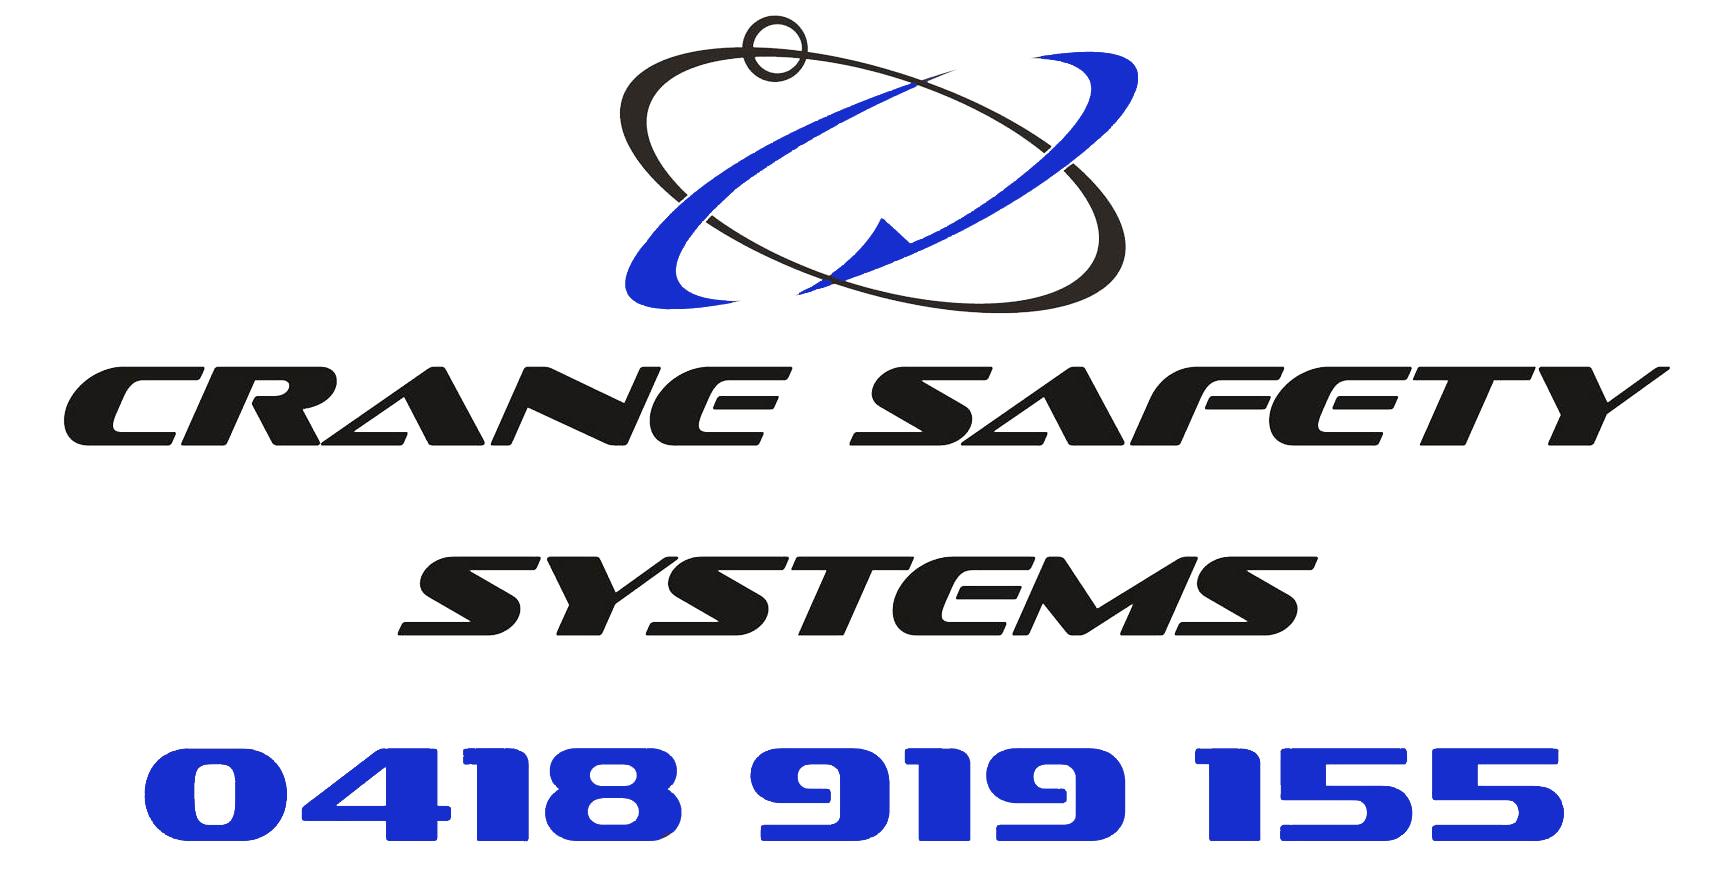 crane_safety_logo.jpg